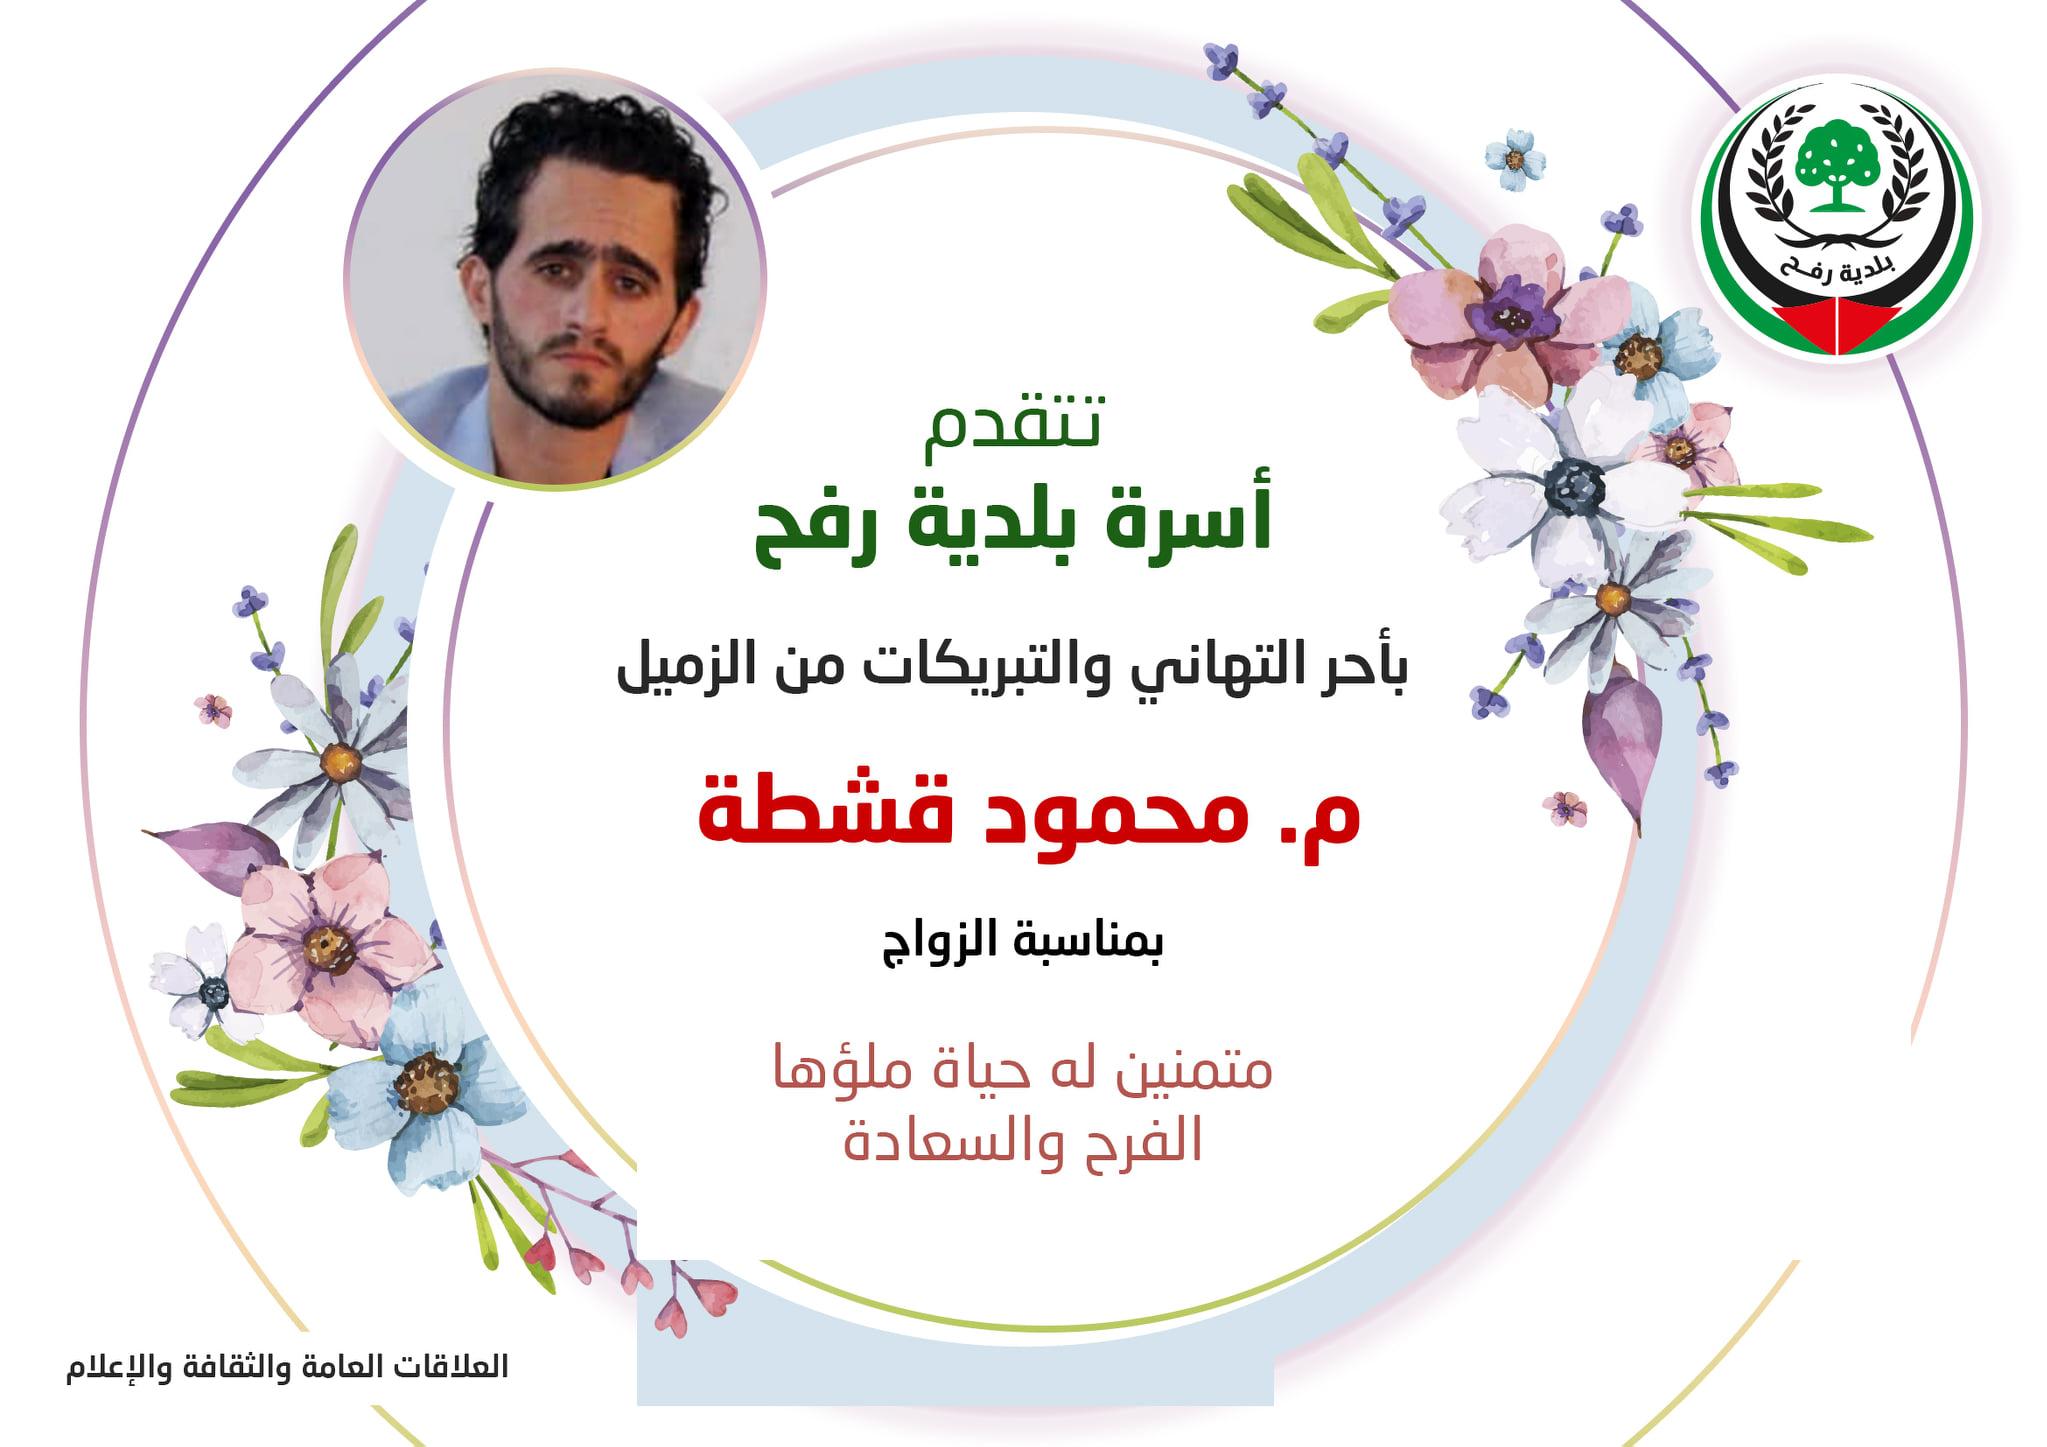 تهنئة للزميل محمود قشطة بالزواج